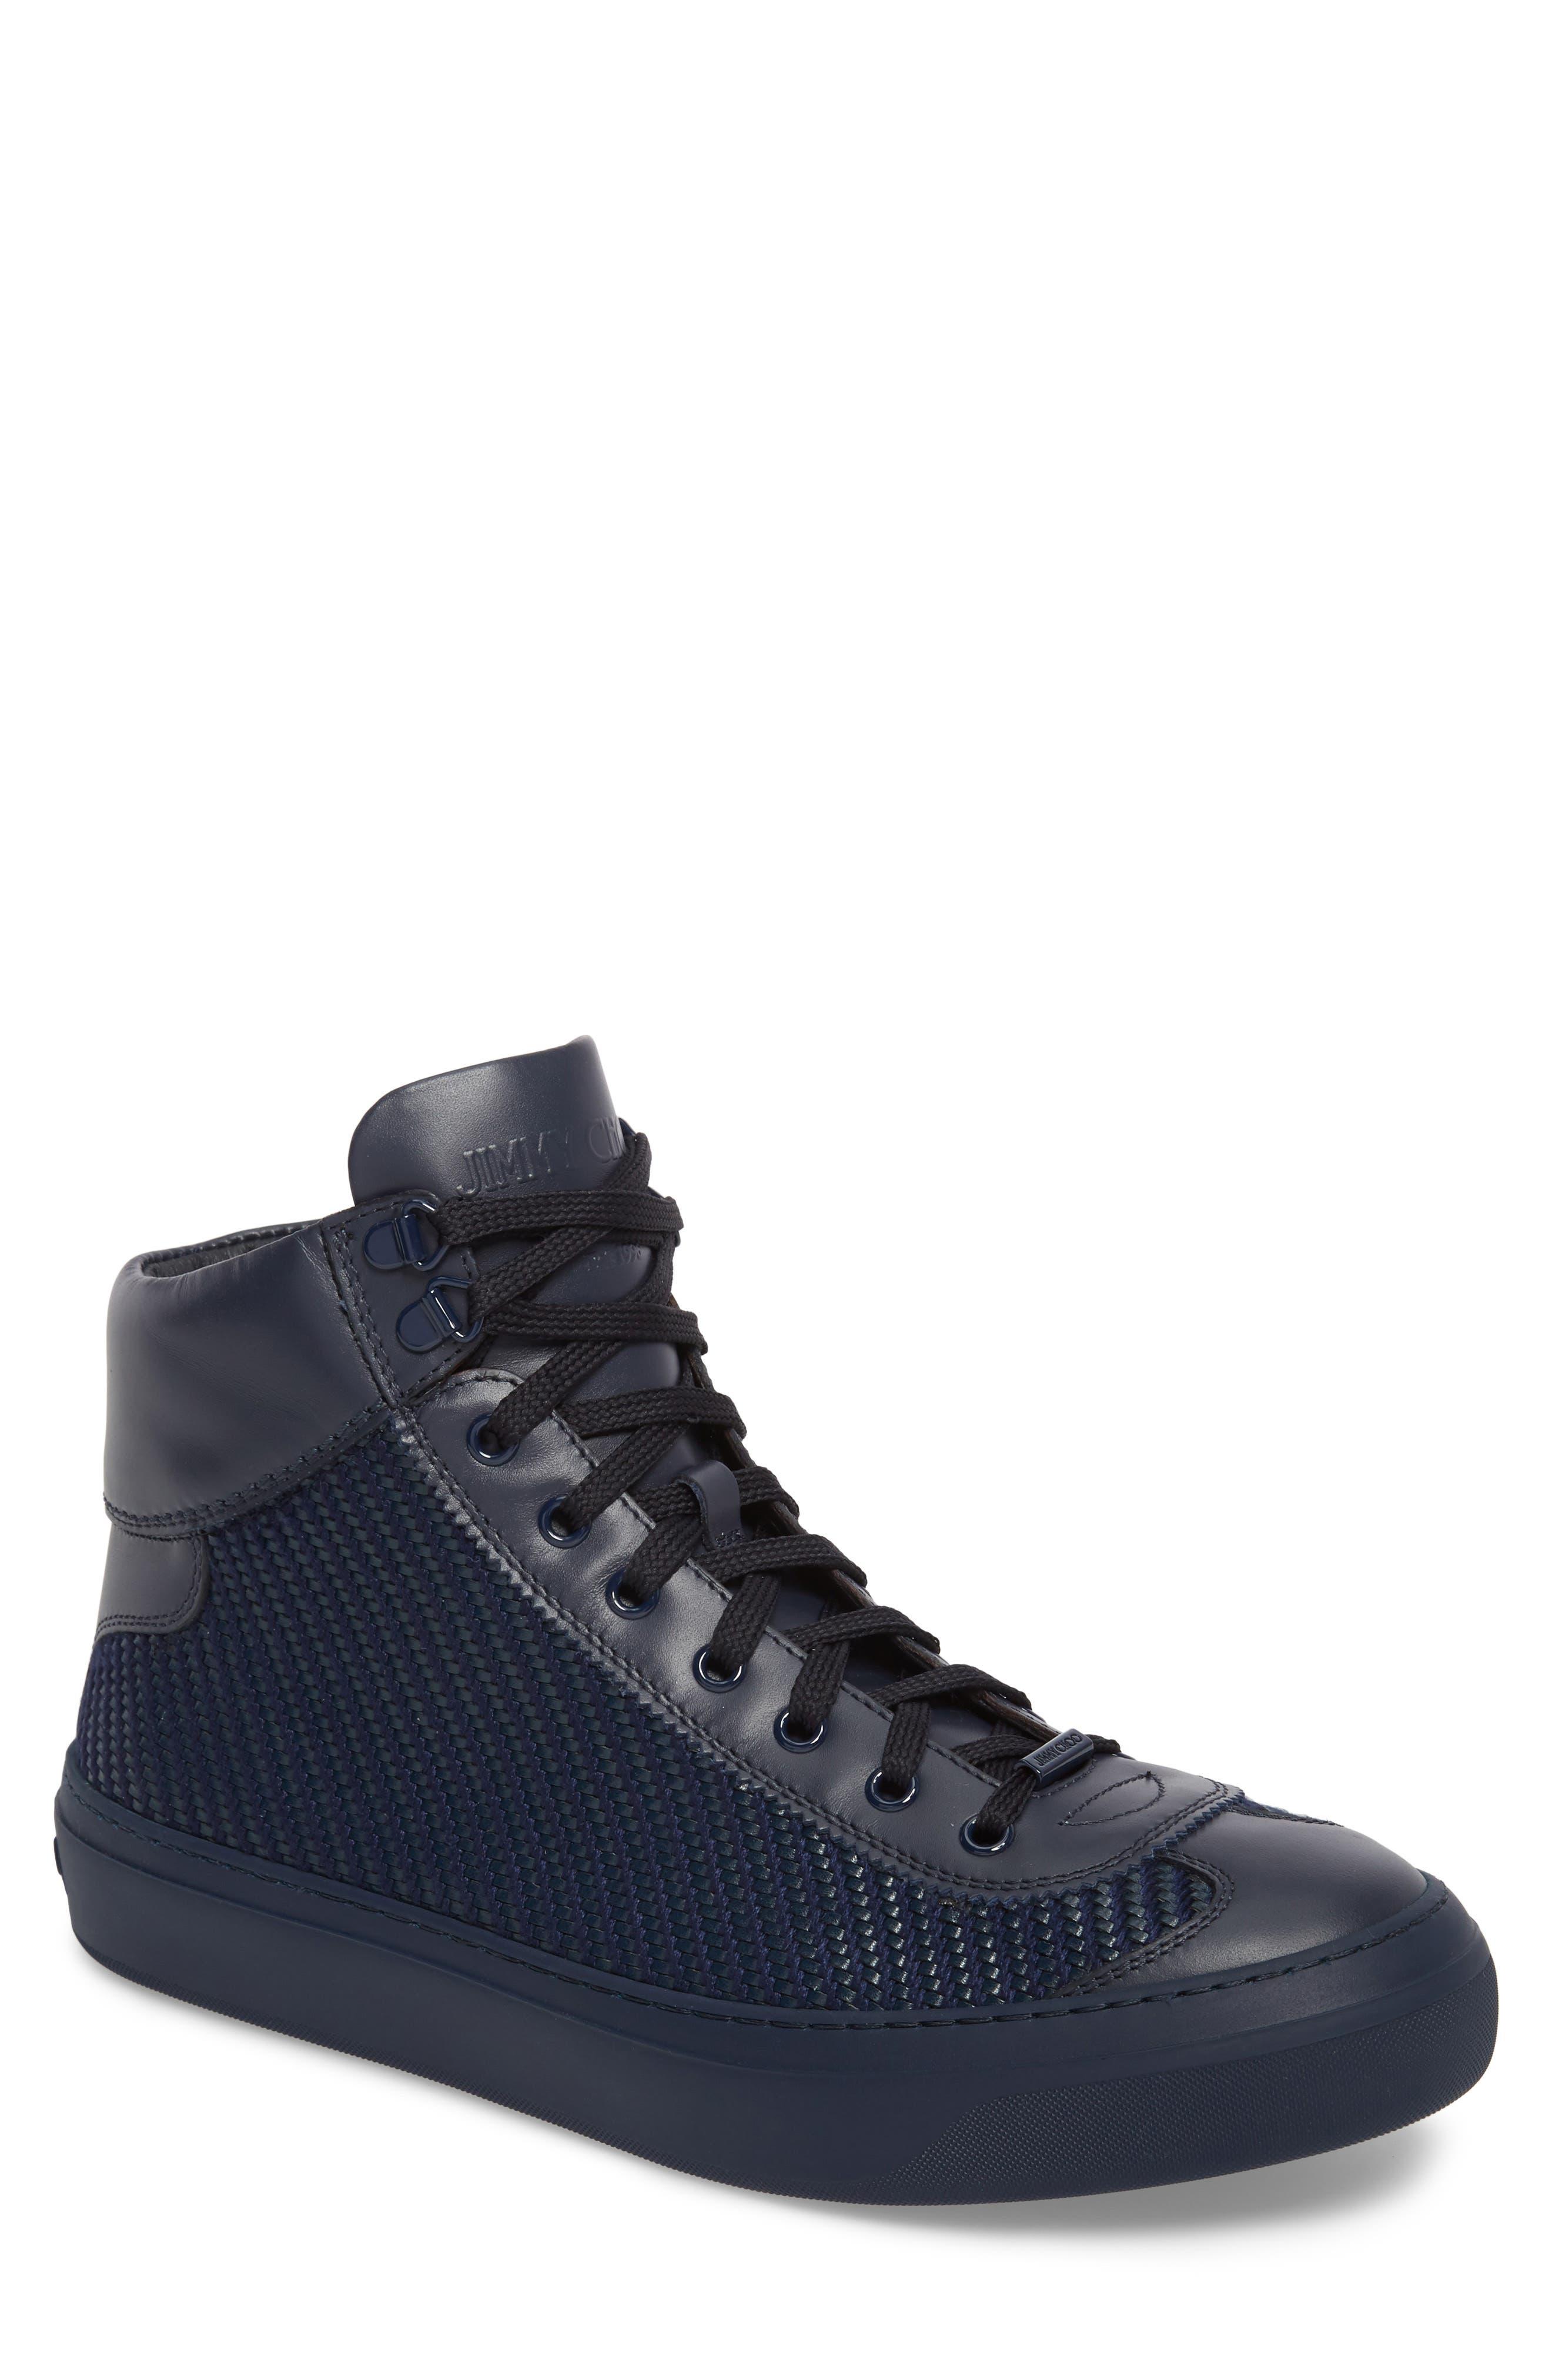 Argyle Sneaker,                         Main,                         color, Navy